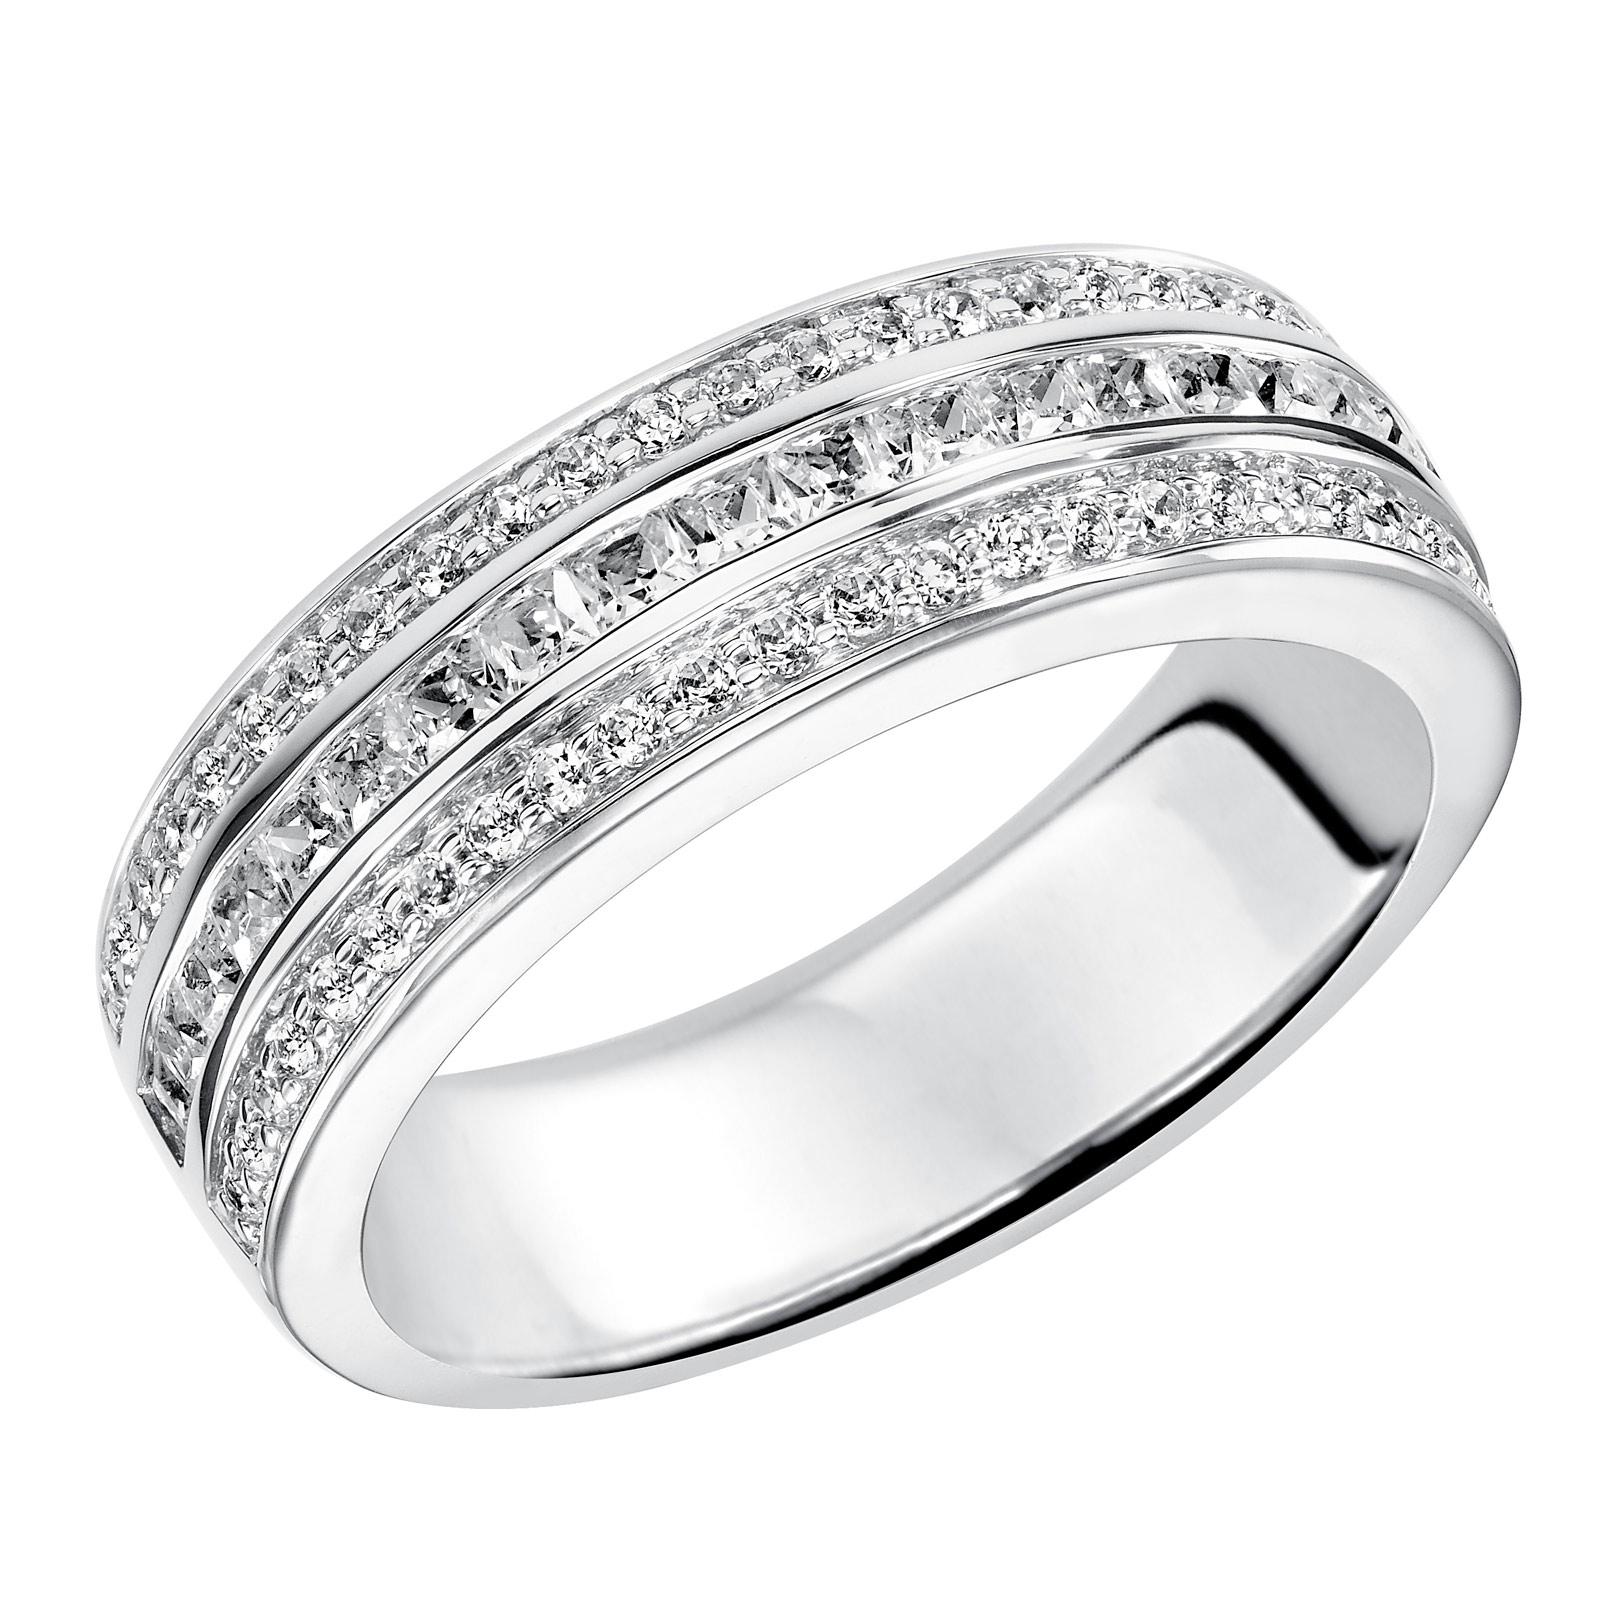 Goldman ring 33 9100w l00 long island ny goldman for Long island wedding bands